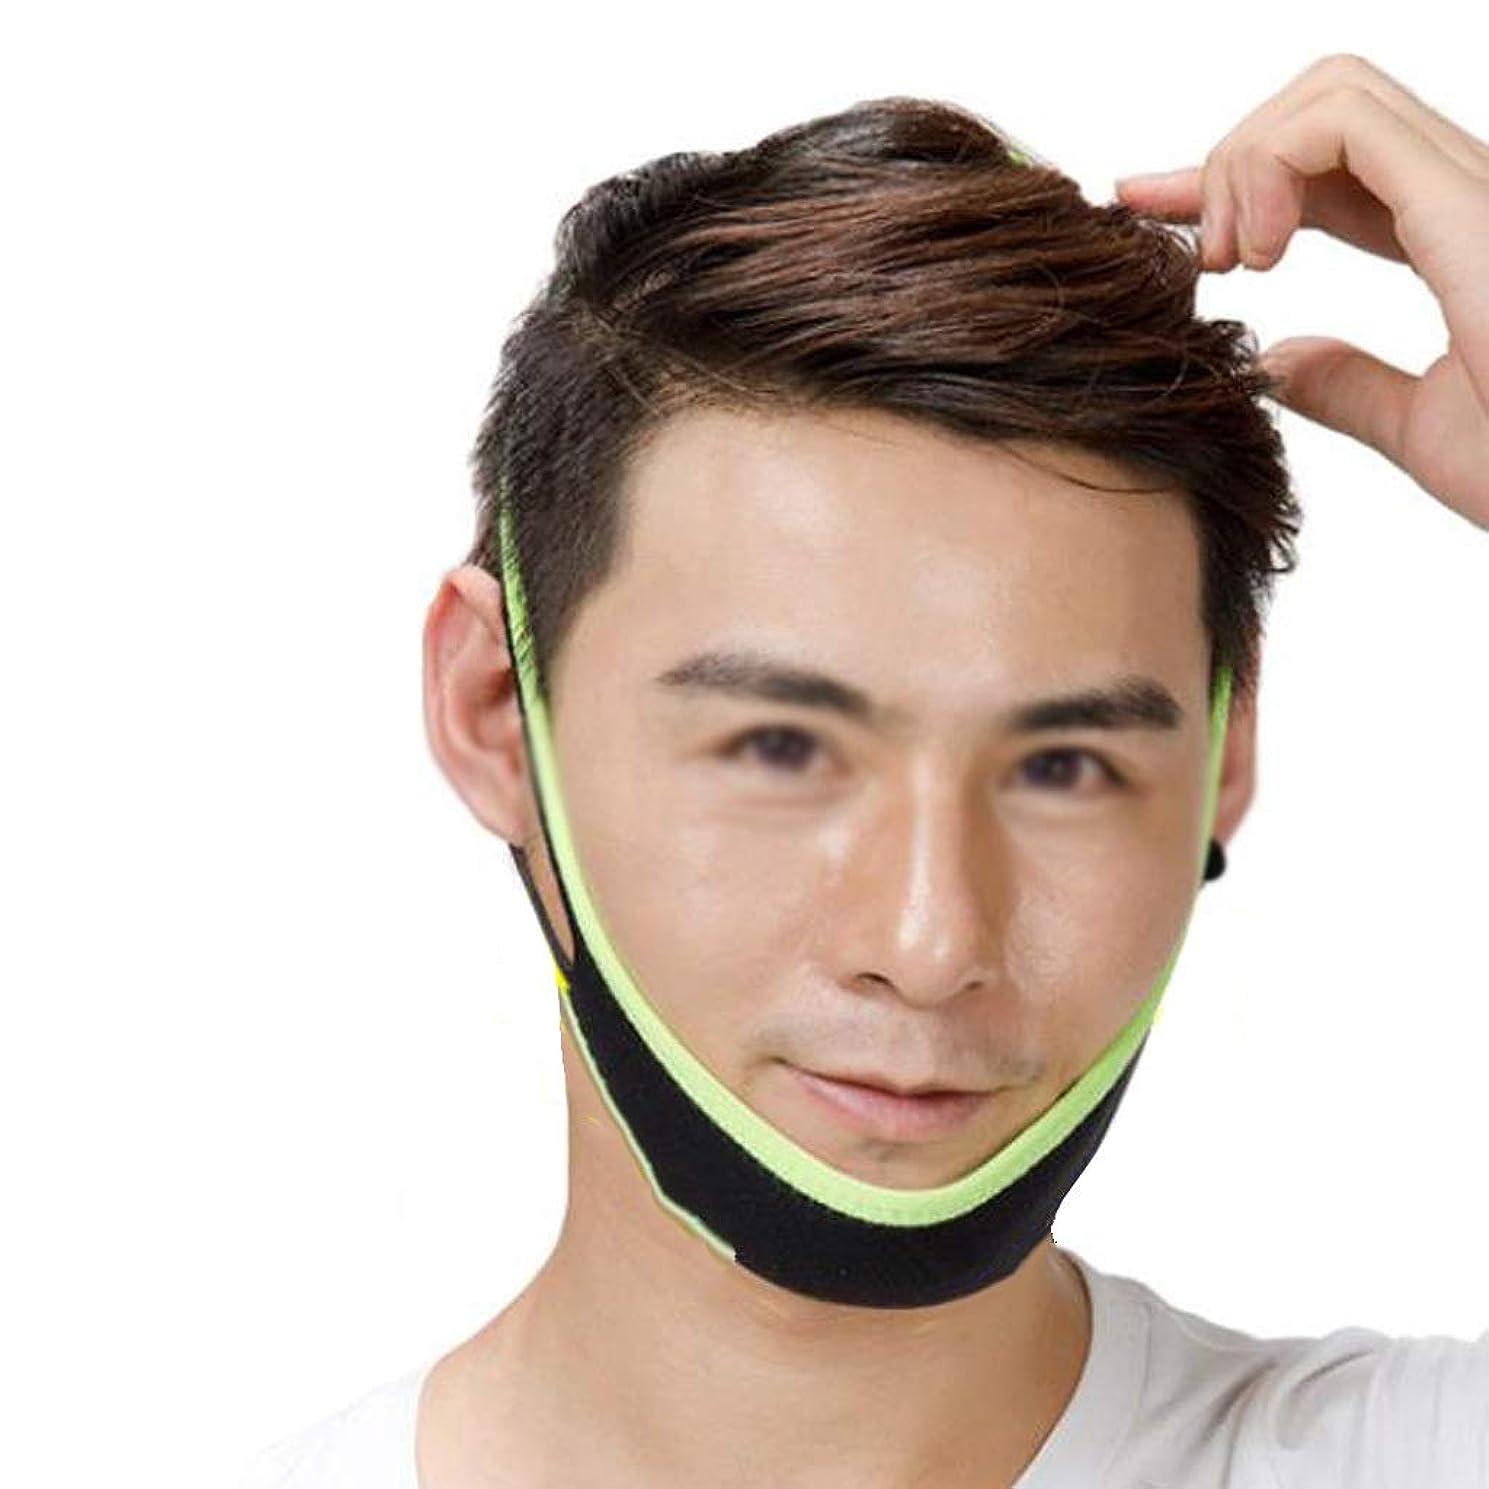 シェアシェード振幅ZWBD フェイスマスク, マスクアーチファクトアーティファクトリフティングマッサージアーティファクト付き薄い顔の包帯メンズスペシャルスリープスモールVフェイス